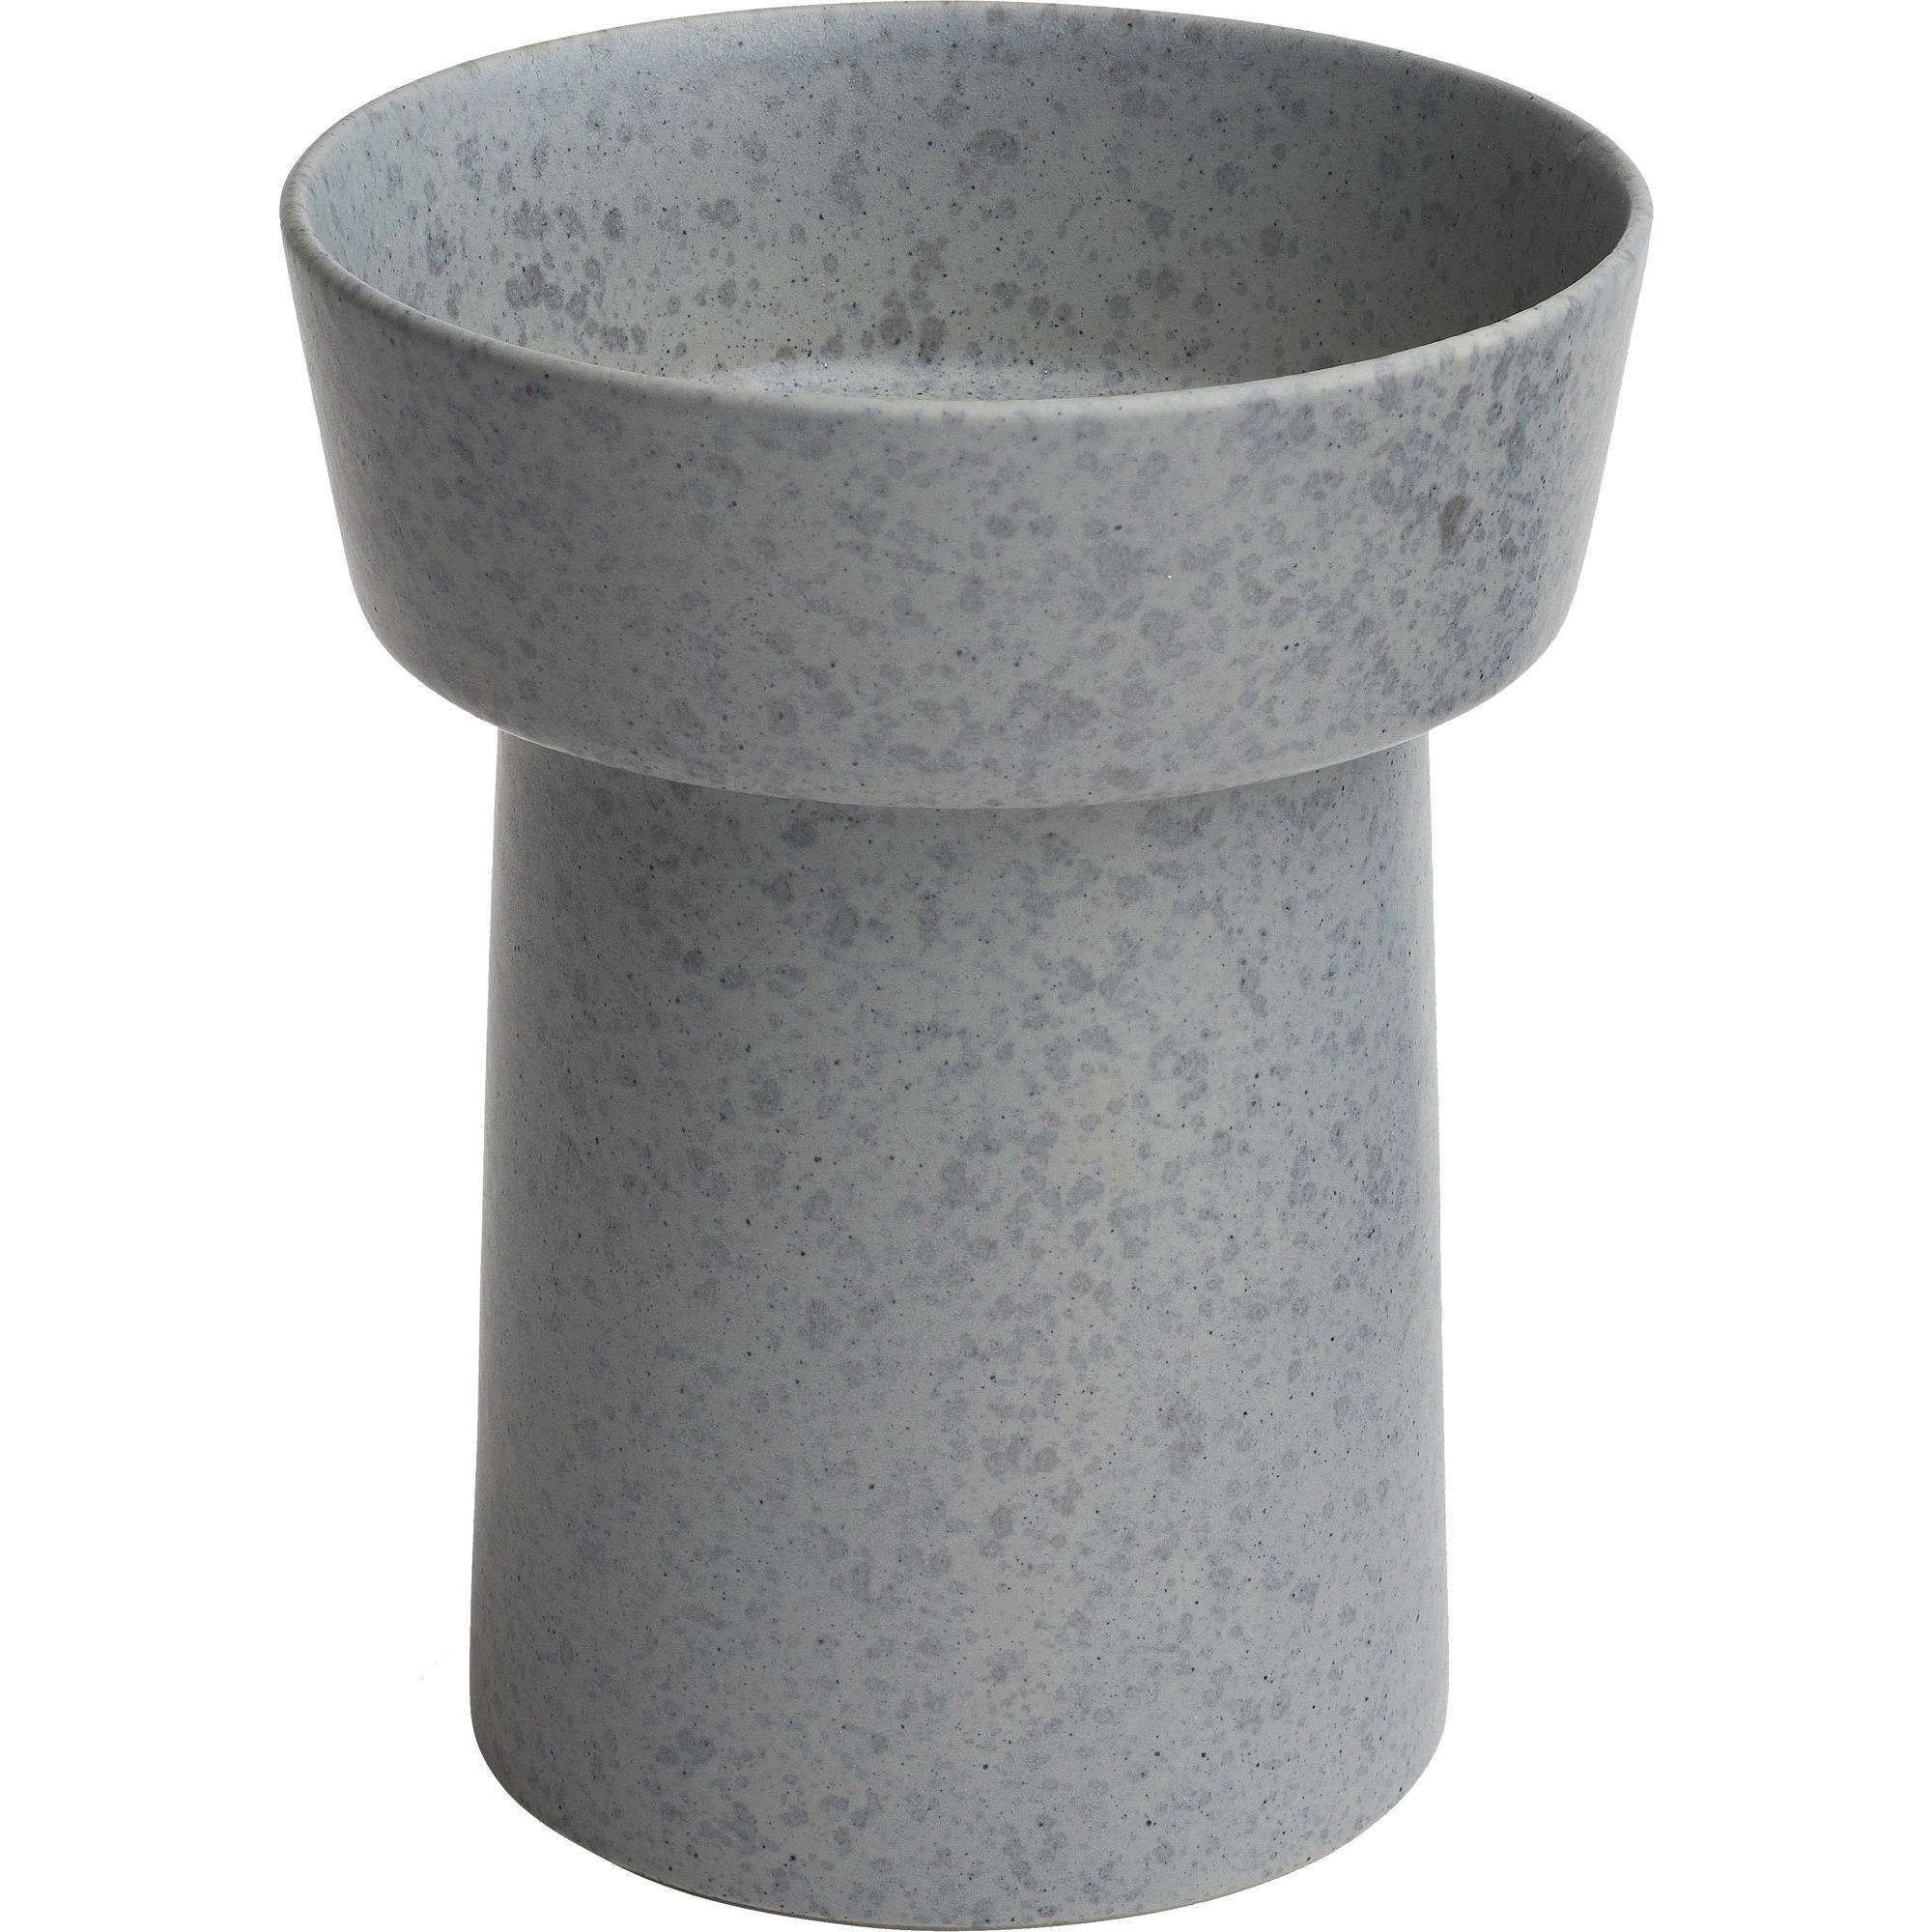 Kähler Ombria Vas 200 mm Slate Grey